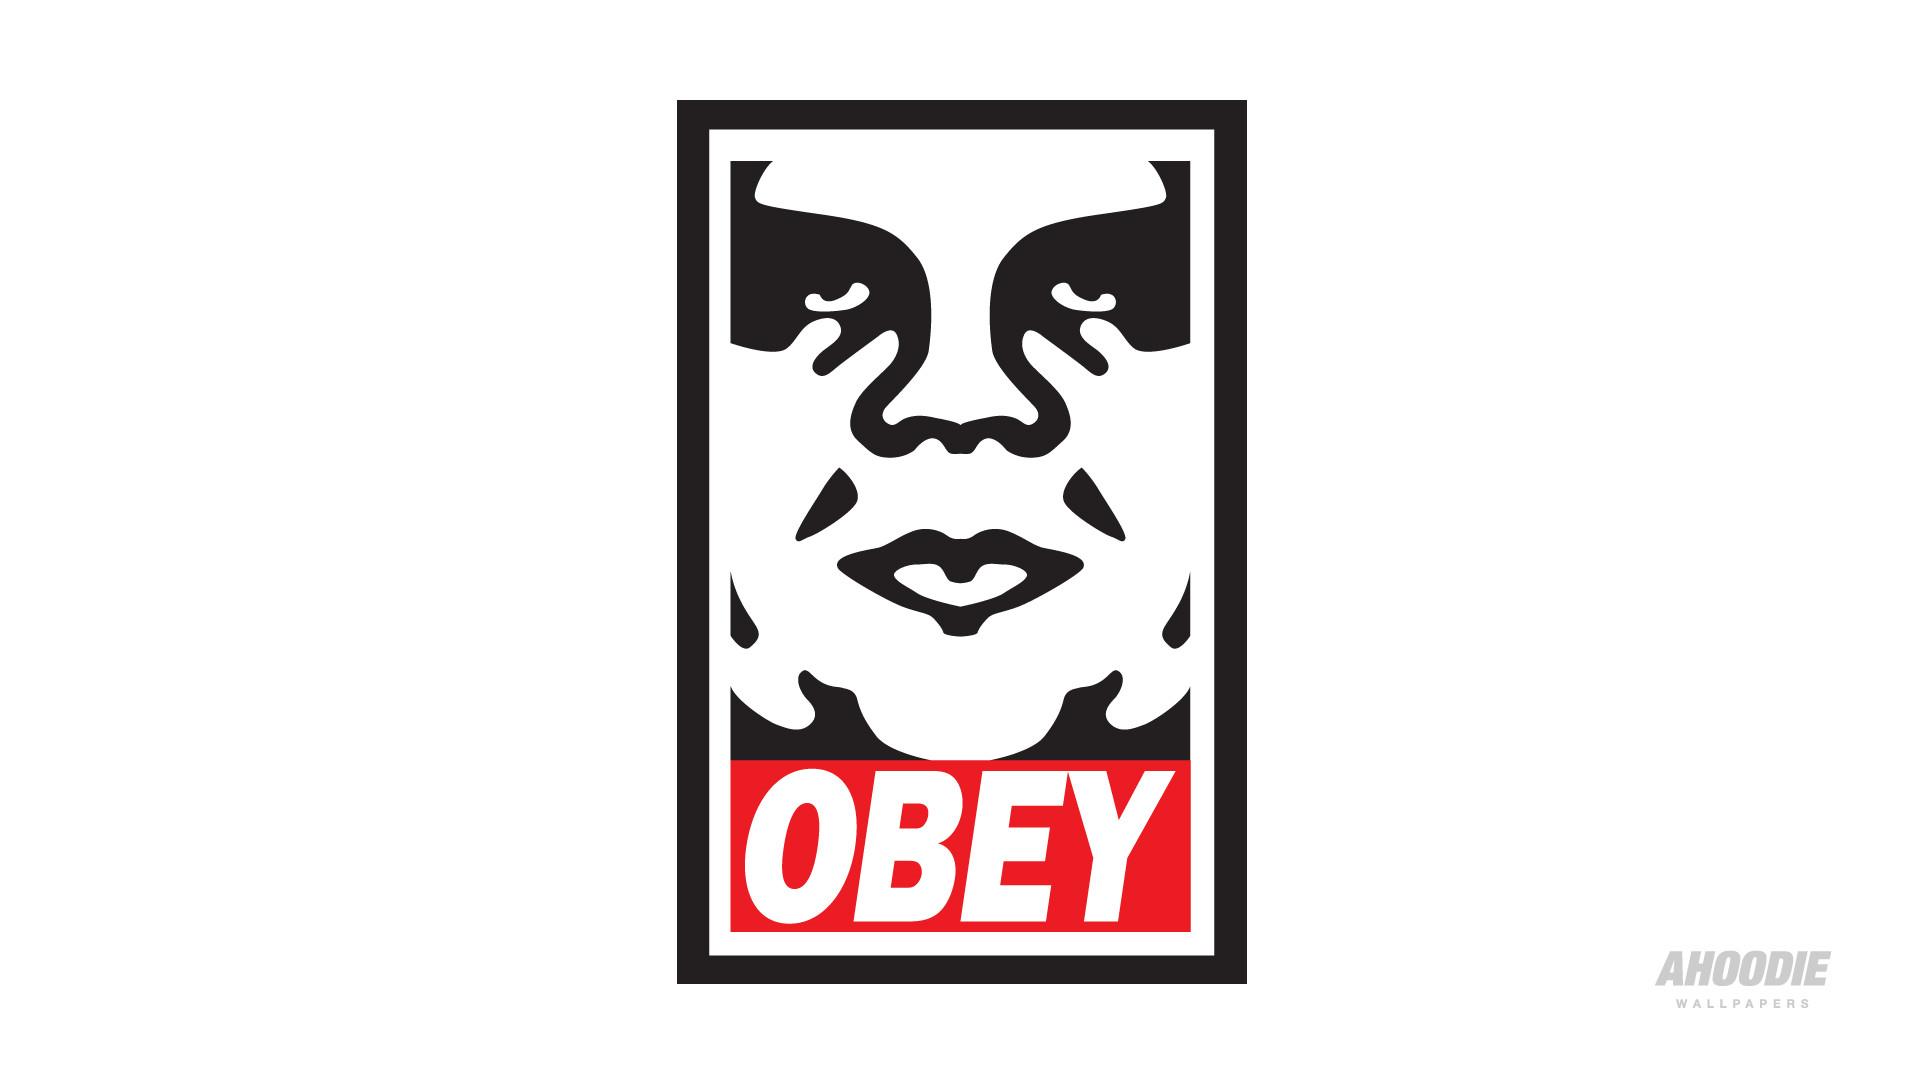 Cool Obey Wallpaper – WallpaperSafari